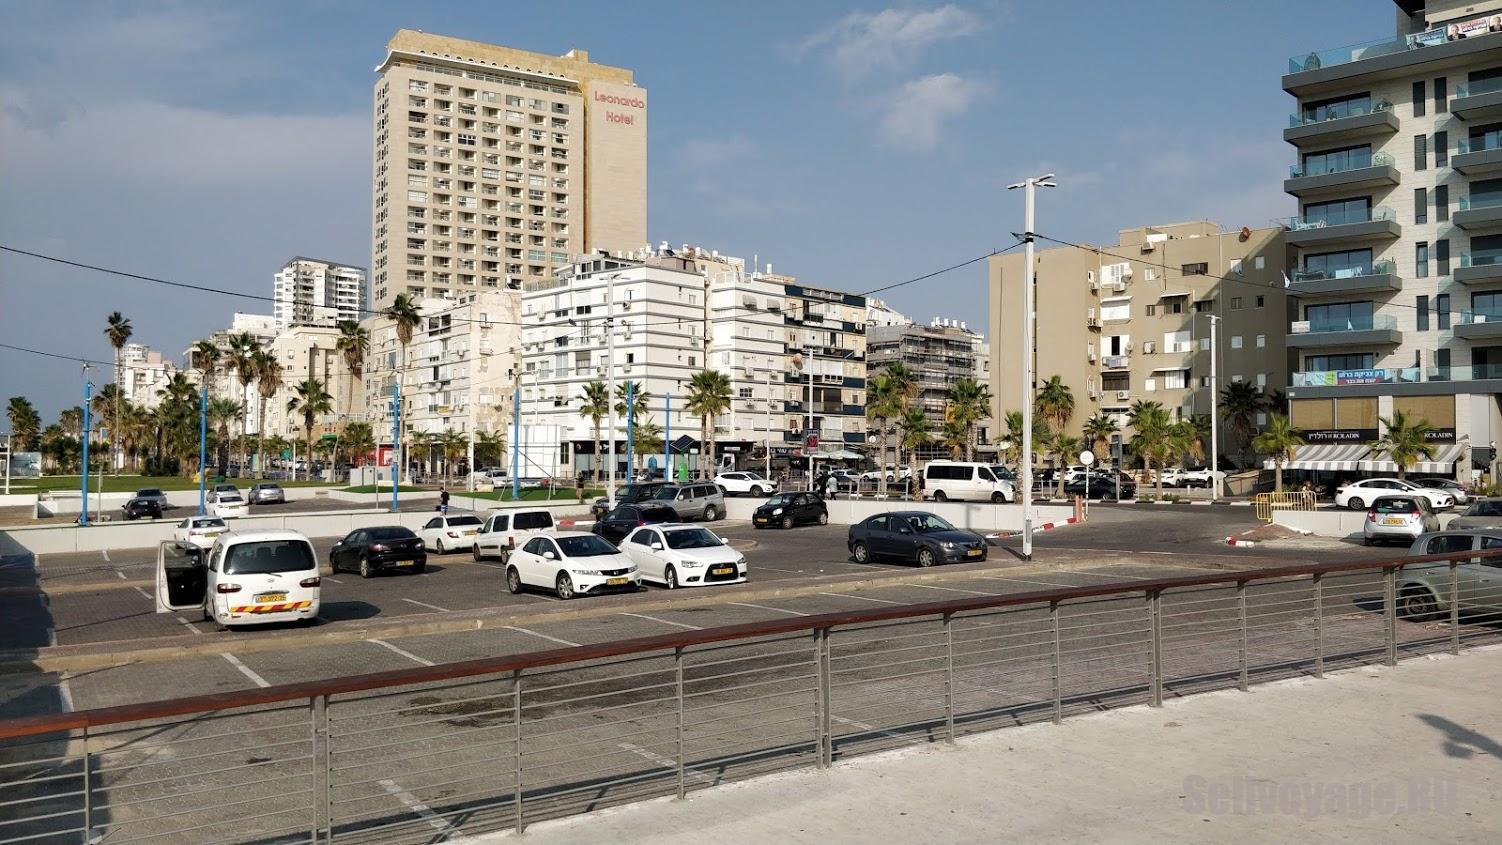 Типичная бесплатная парковка в Израиле, Бат-Ям